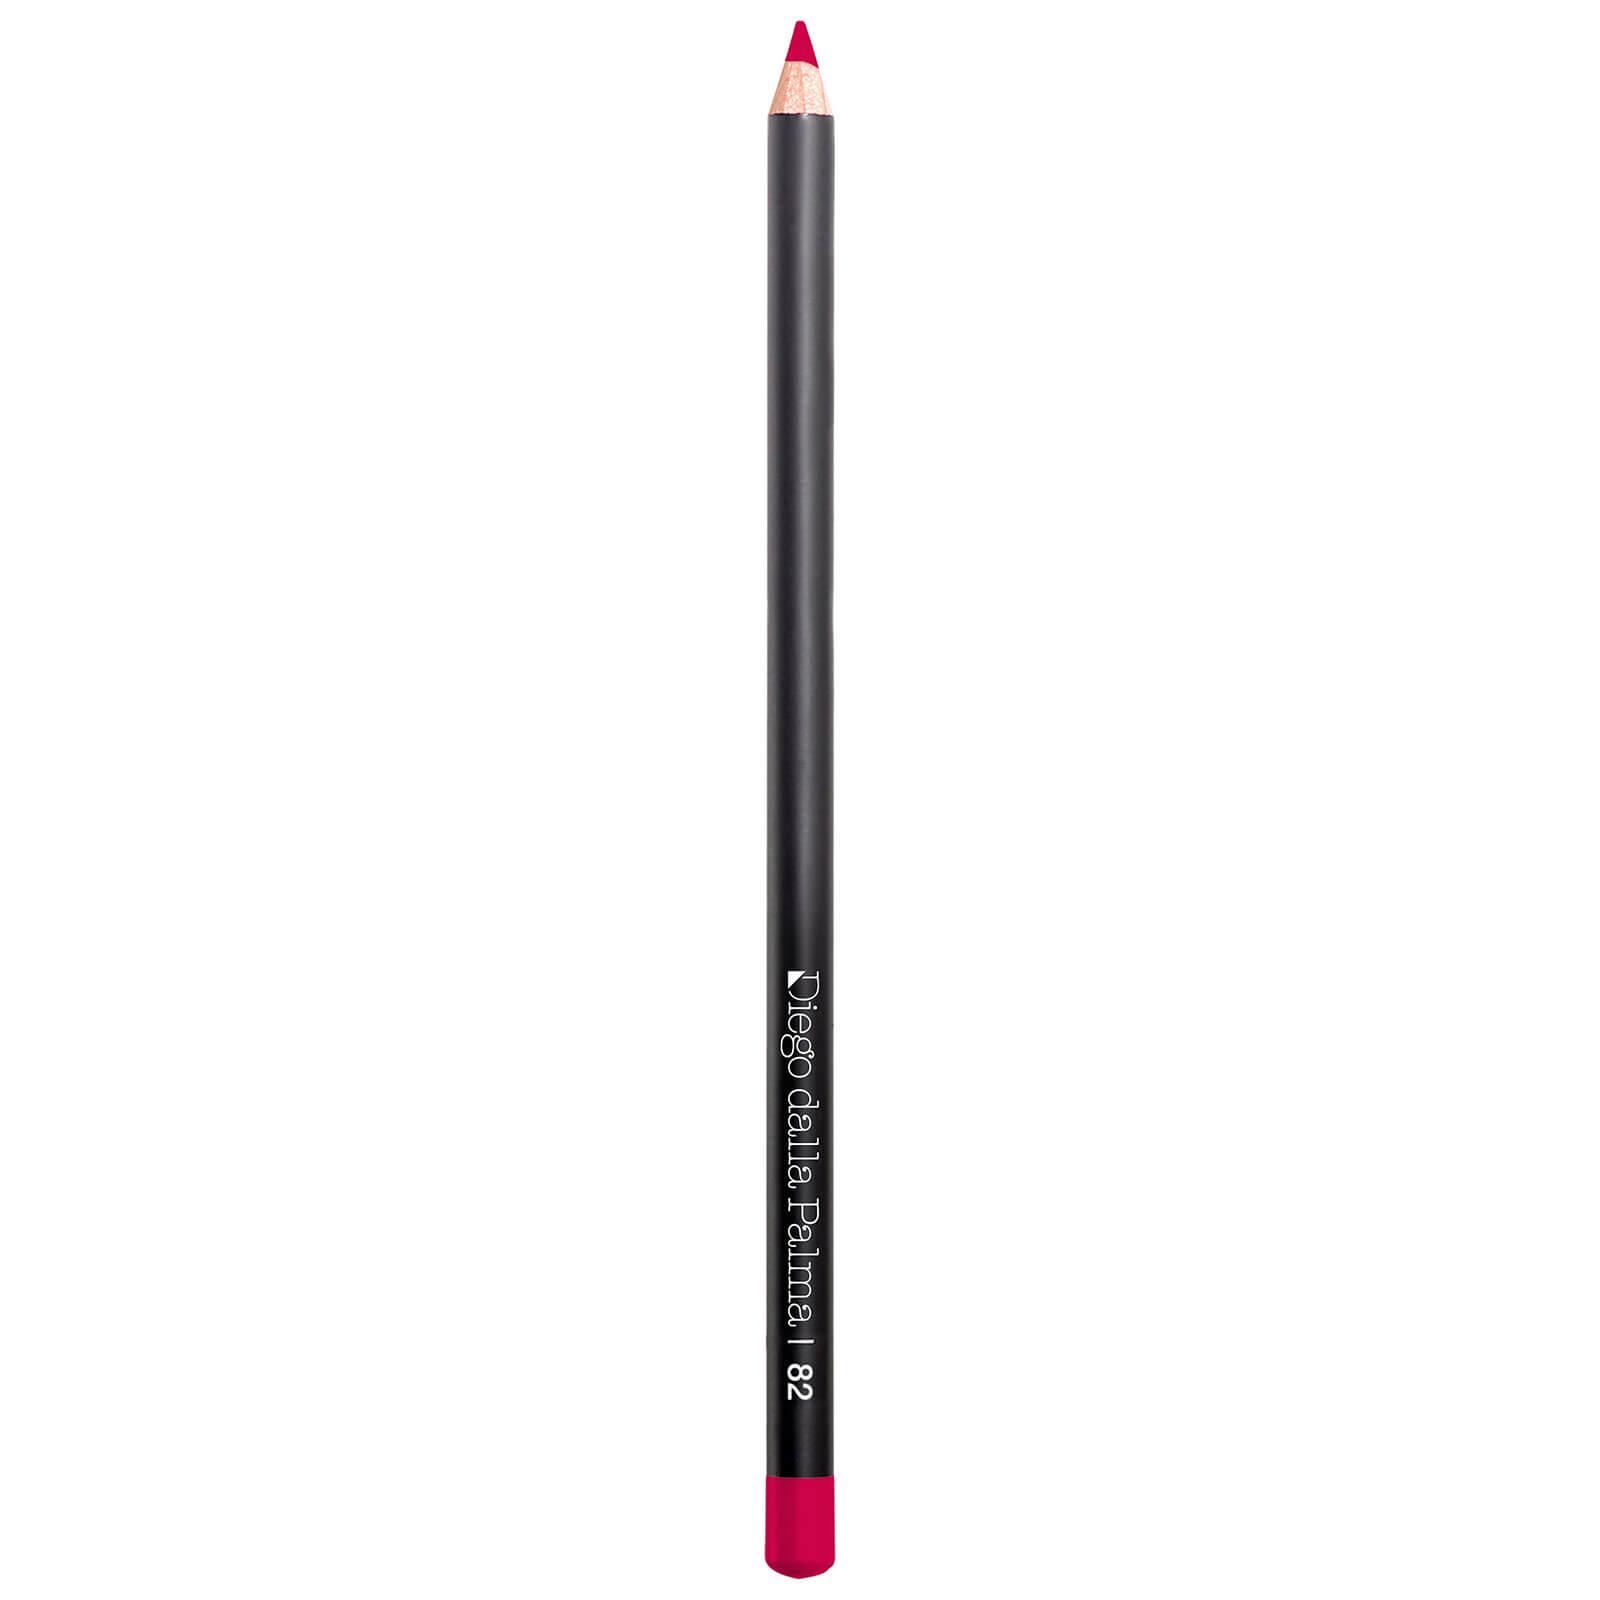 Купить Контурный карандаш для губ diego dalla palma Lip Pencil 1, 5 г (различные оттенки) - Red